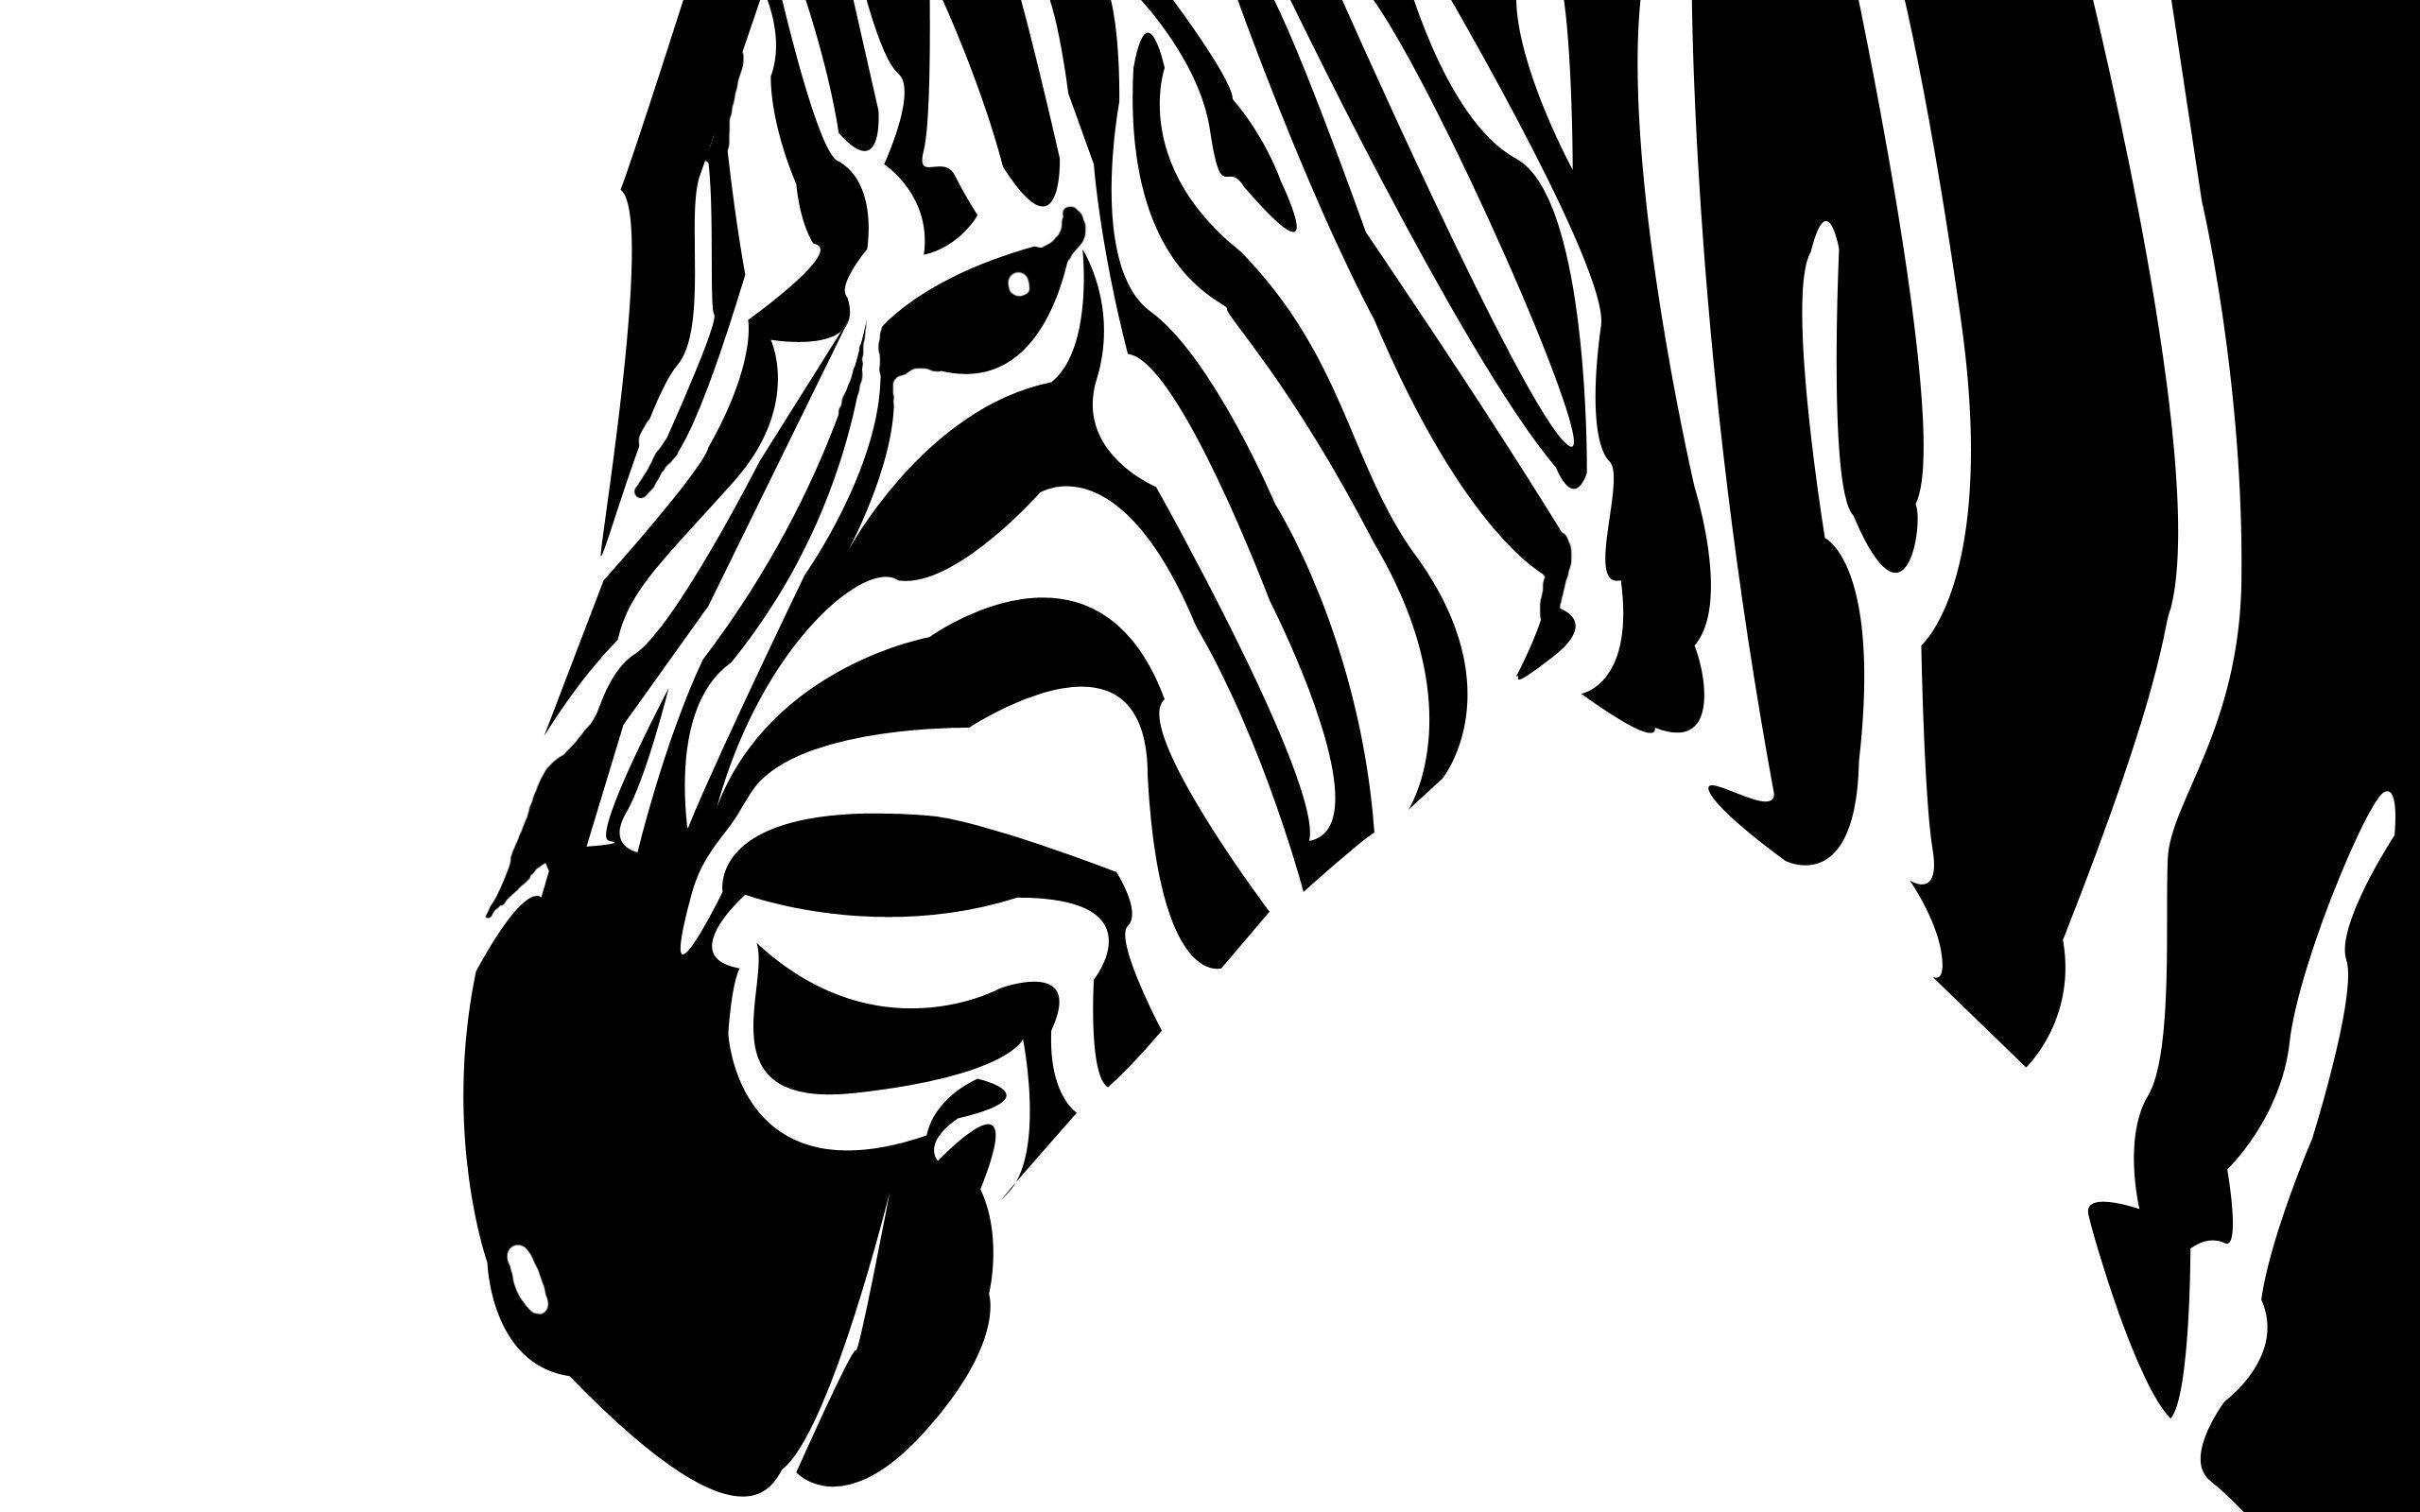 Zebra computer wallpapers wallpaper cave - Plantillas para cuadros modernos ...